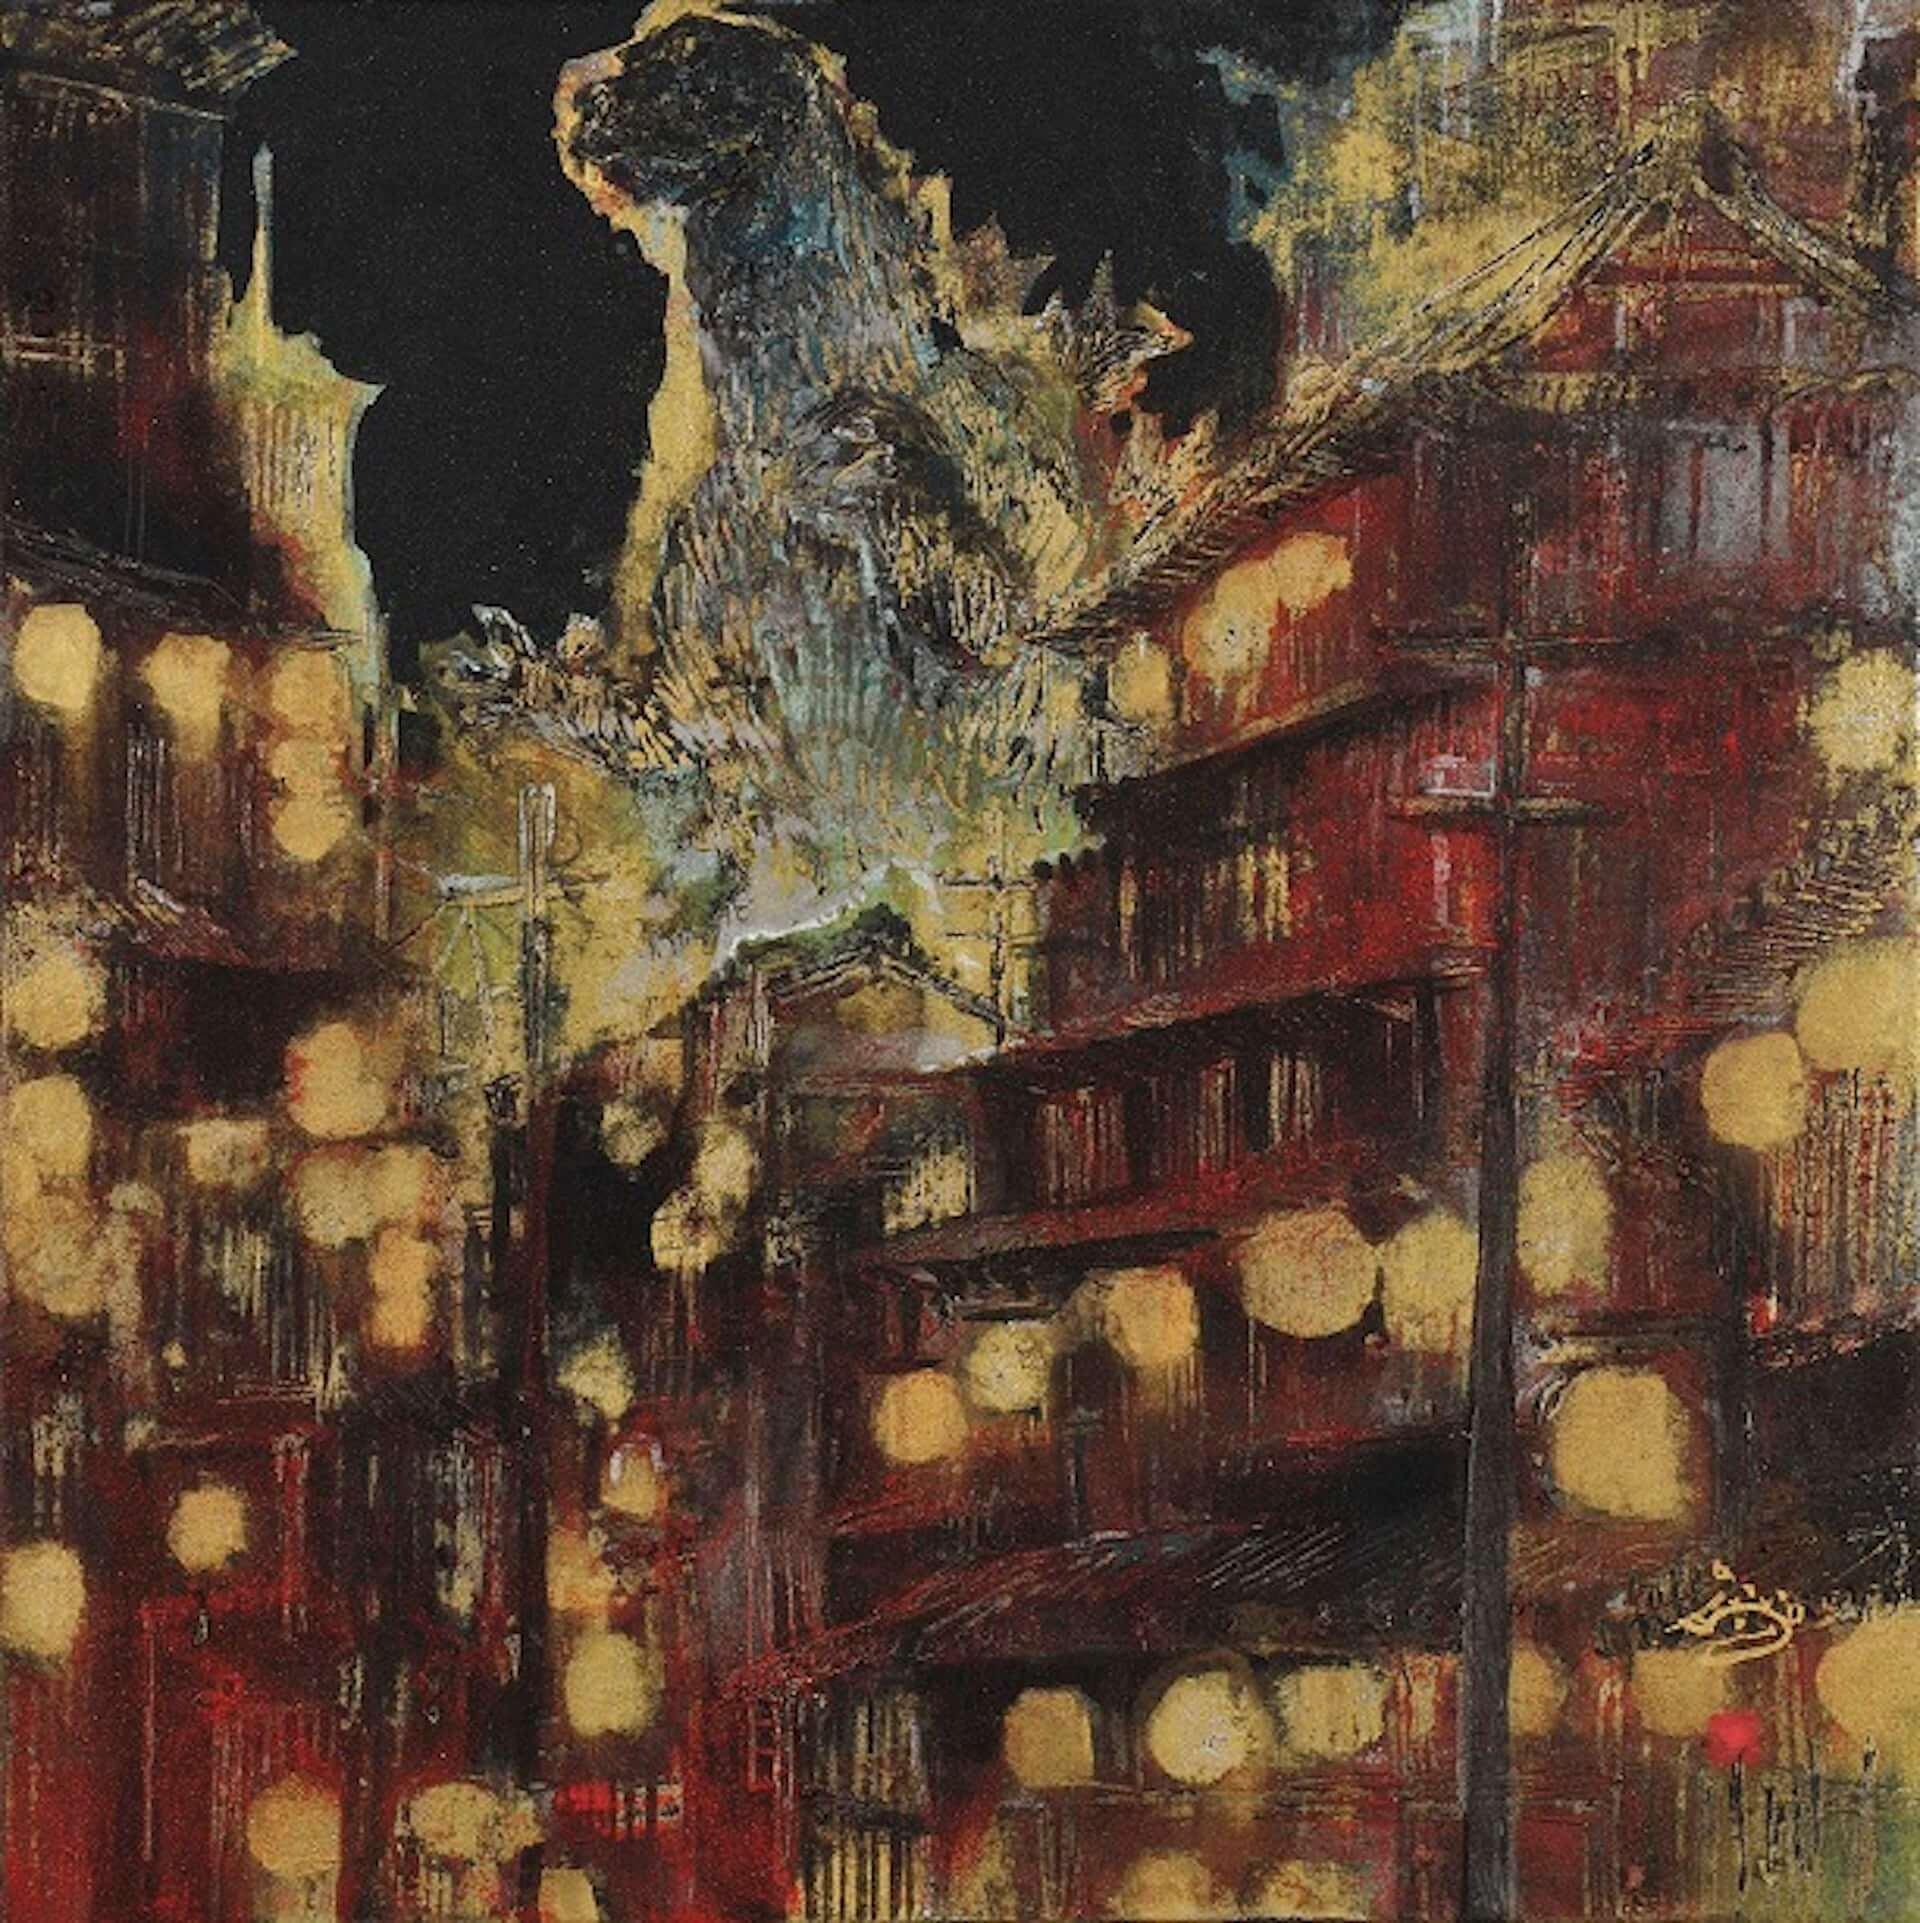 ゴジラが日本画で描かれる!展覧会<村上裕二日本画展 「怪獣王ゴジラの世界」>&<「怪獣王GODZILLA」村上裕二日本画展>が開催決定 artculture200115_godzilla_3-1920x1923